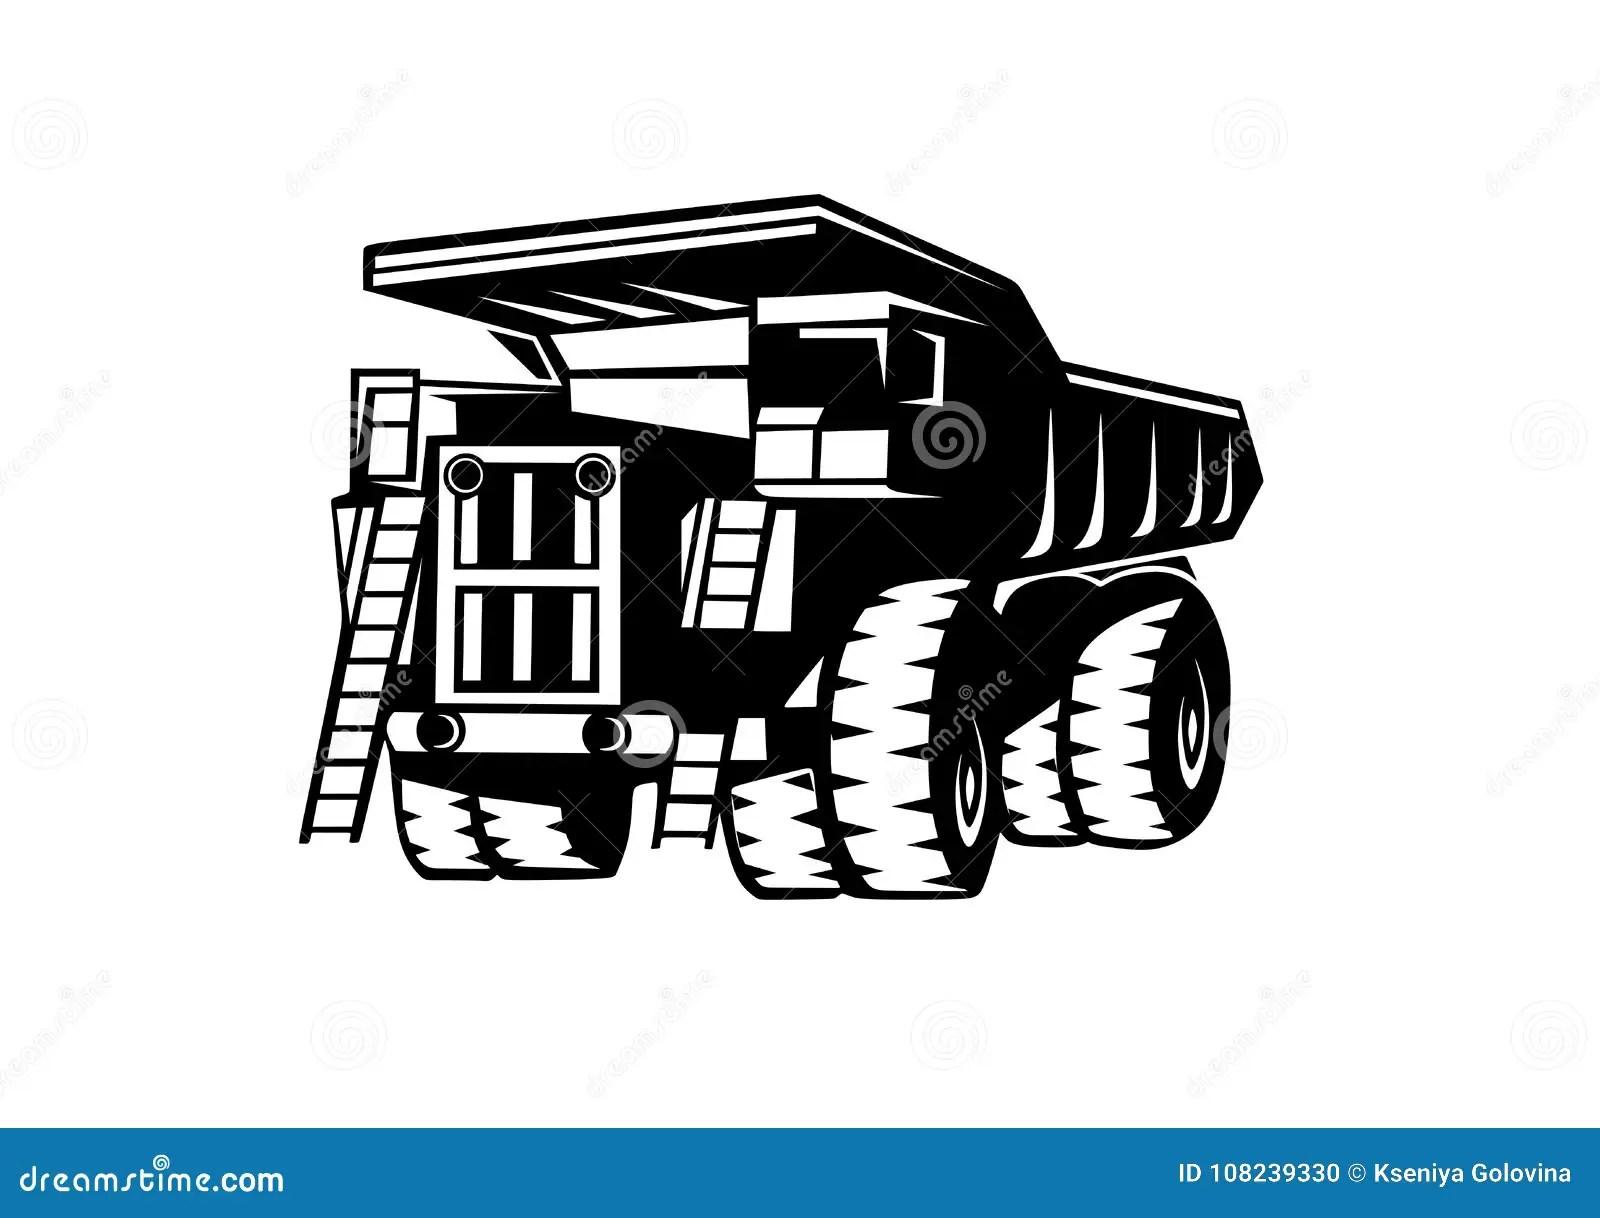 Dump Truckbelaz Stock Vector Illustration Of Ball